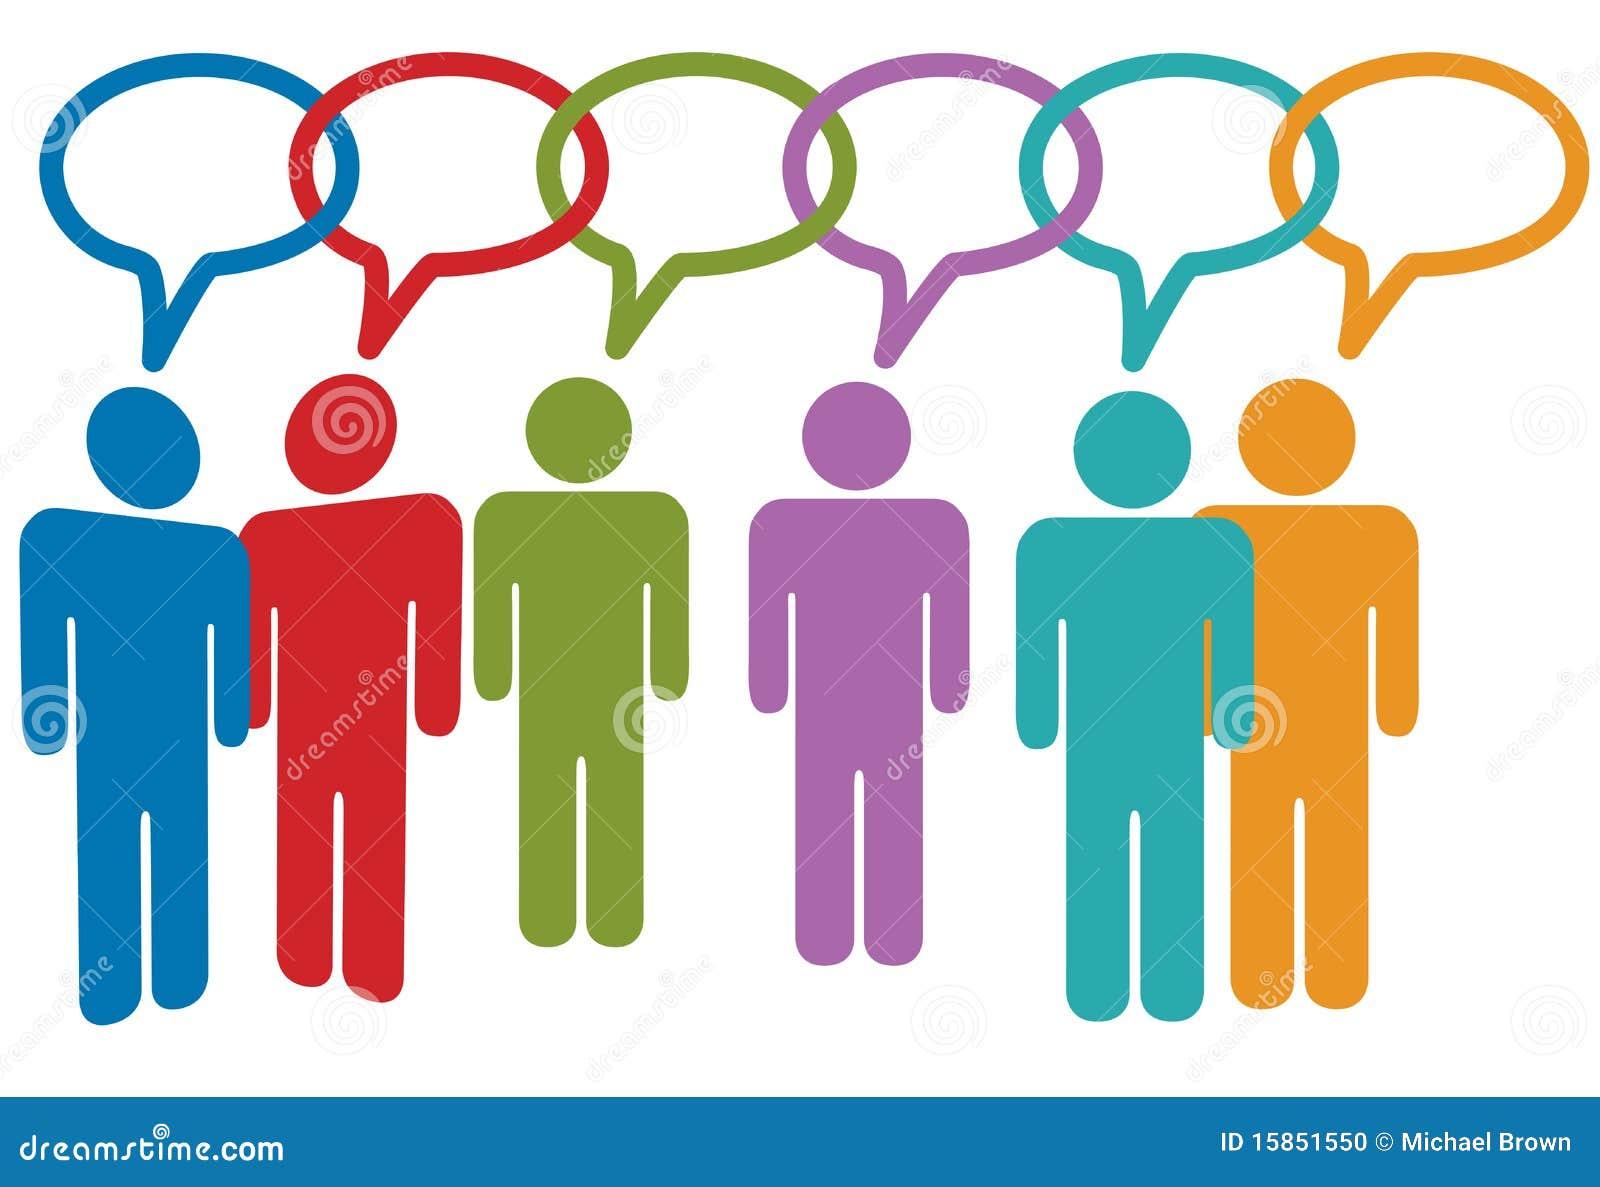 People Using Social Media | www.imgkid.com - The Image Kid ...